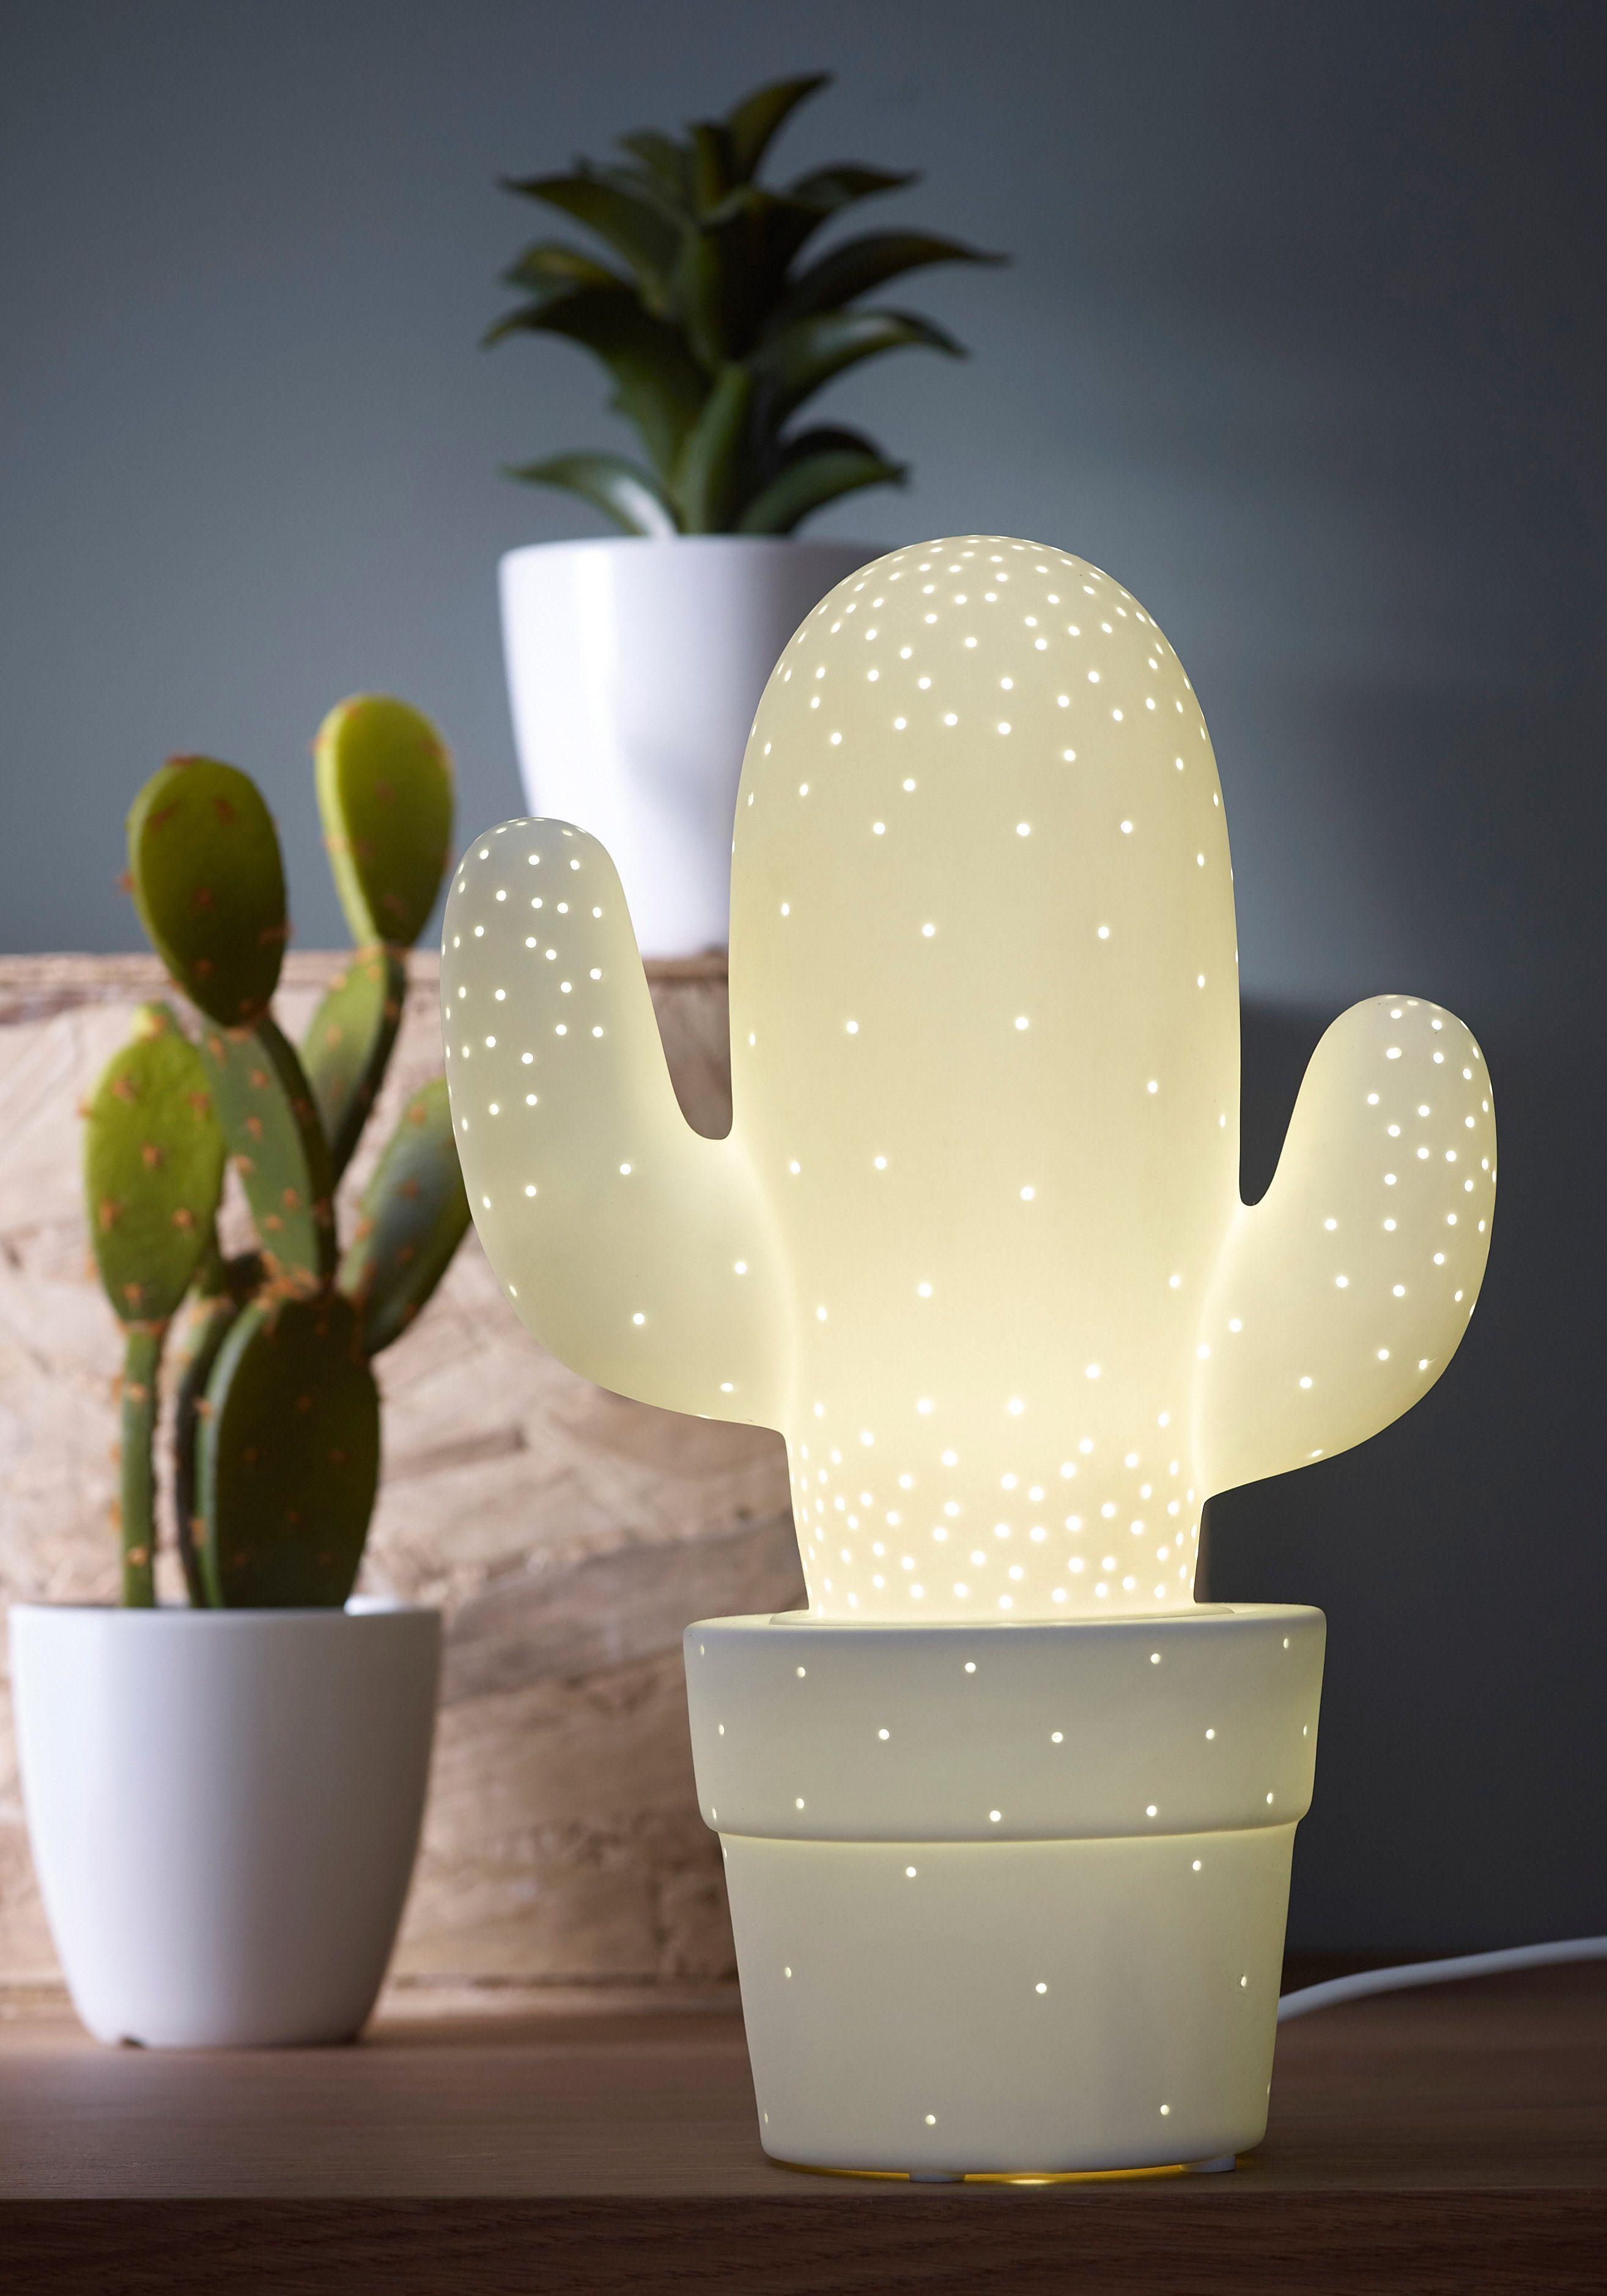 Cactus | Lampe cactus - Décoration - Déco - Maison - Alinéa